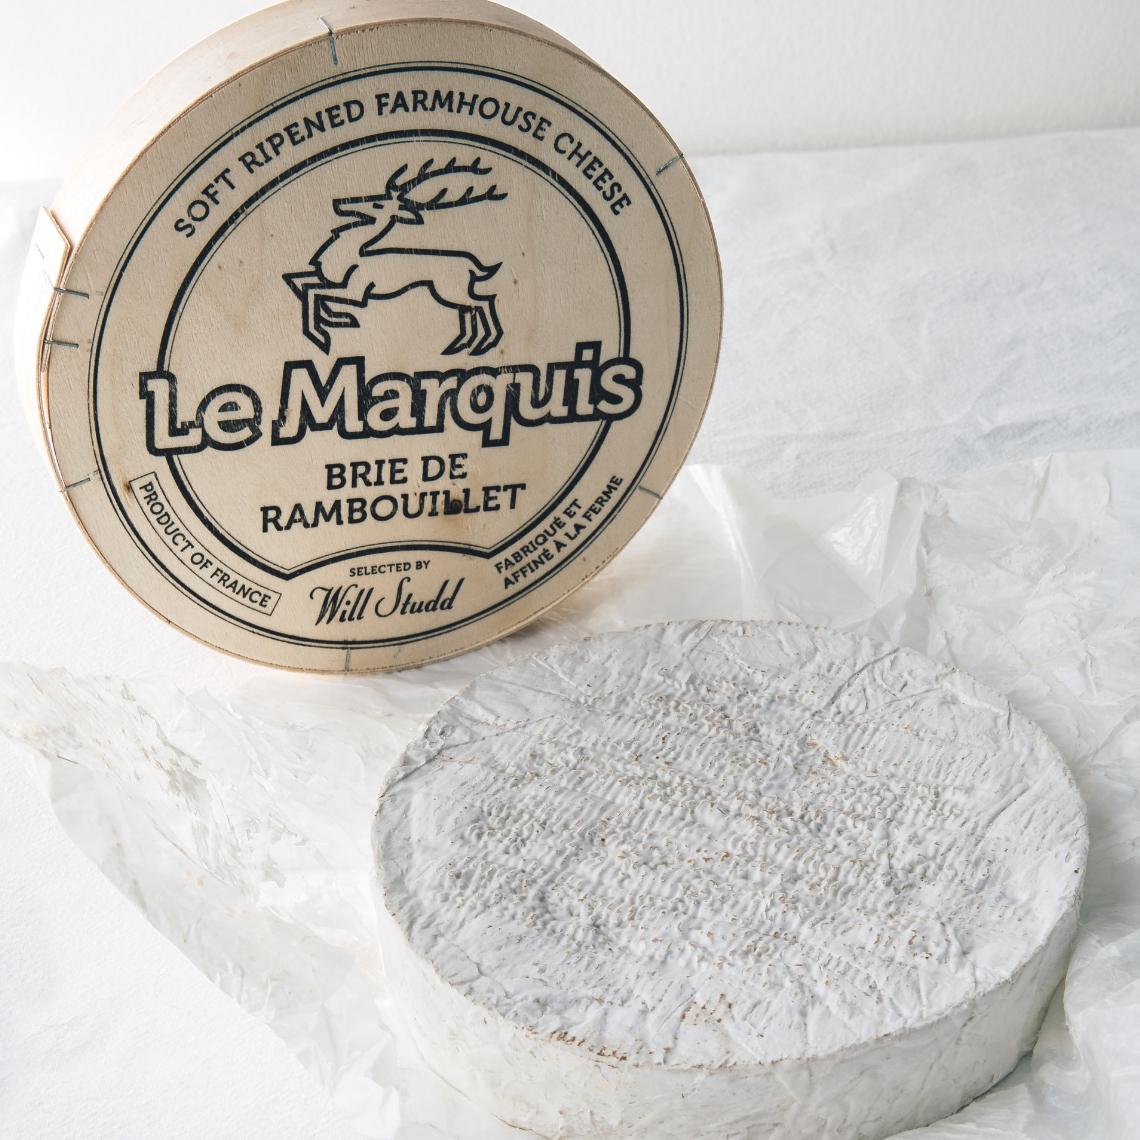 Le Marquis Farmhouse Brie de Rambouillet